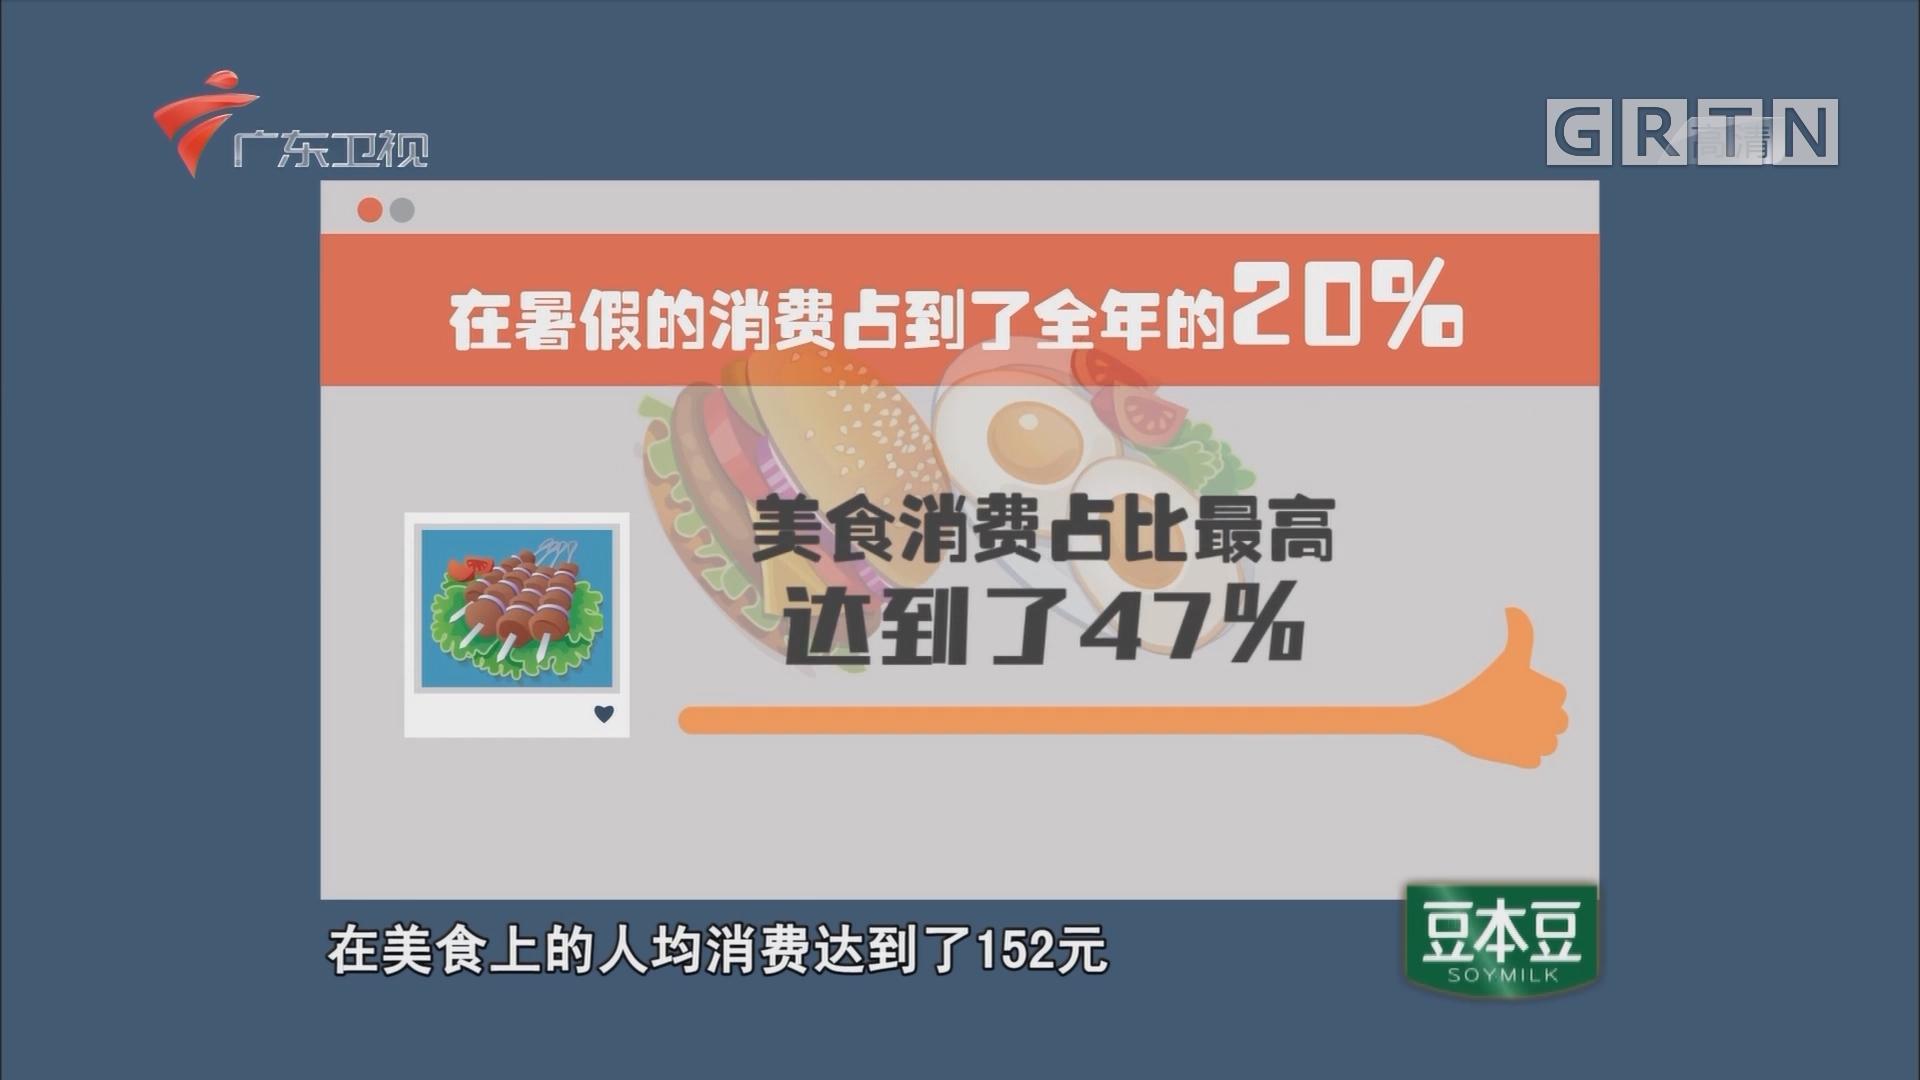 学生暑假消费趋势大数据报告